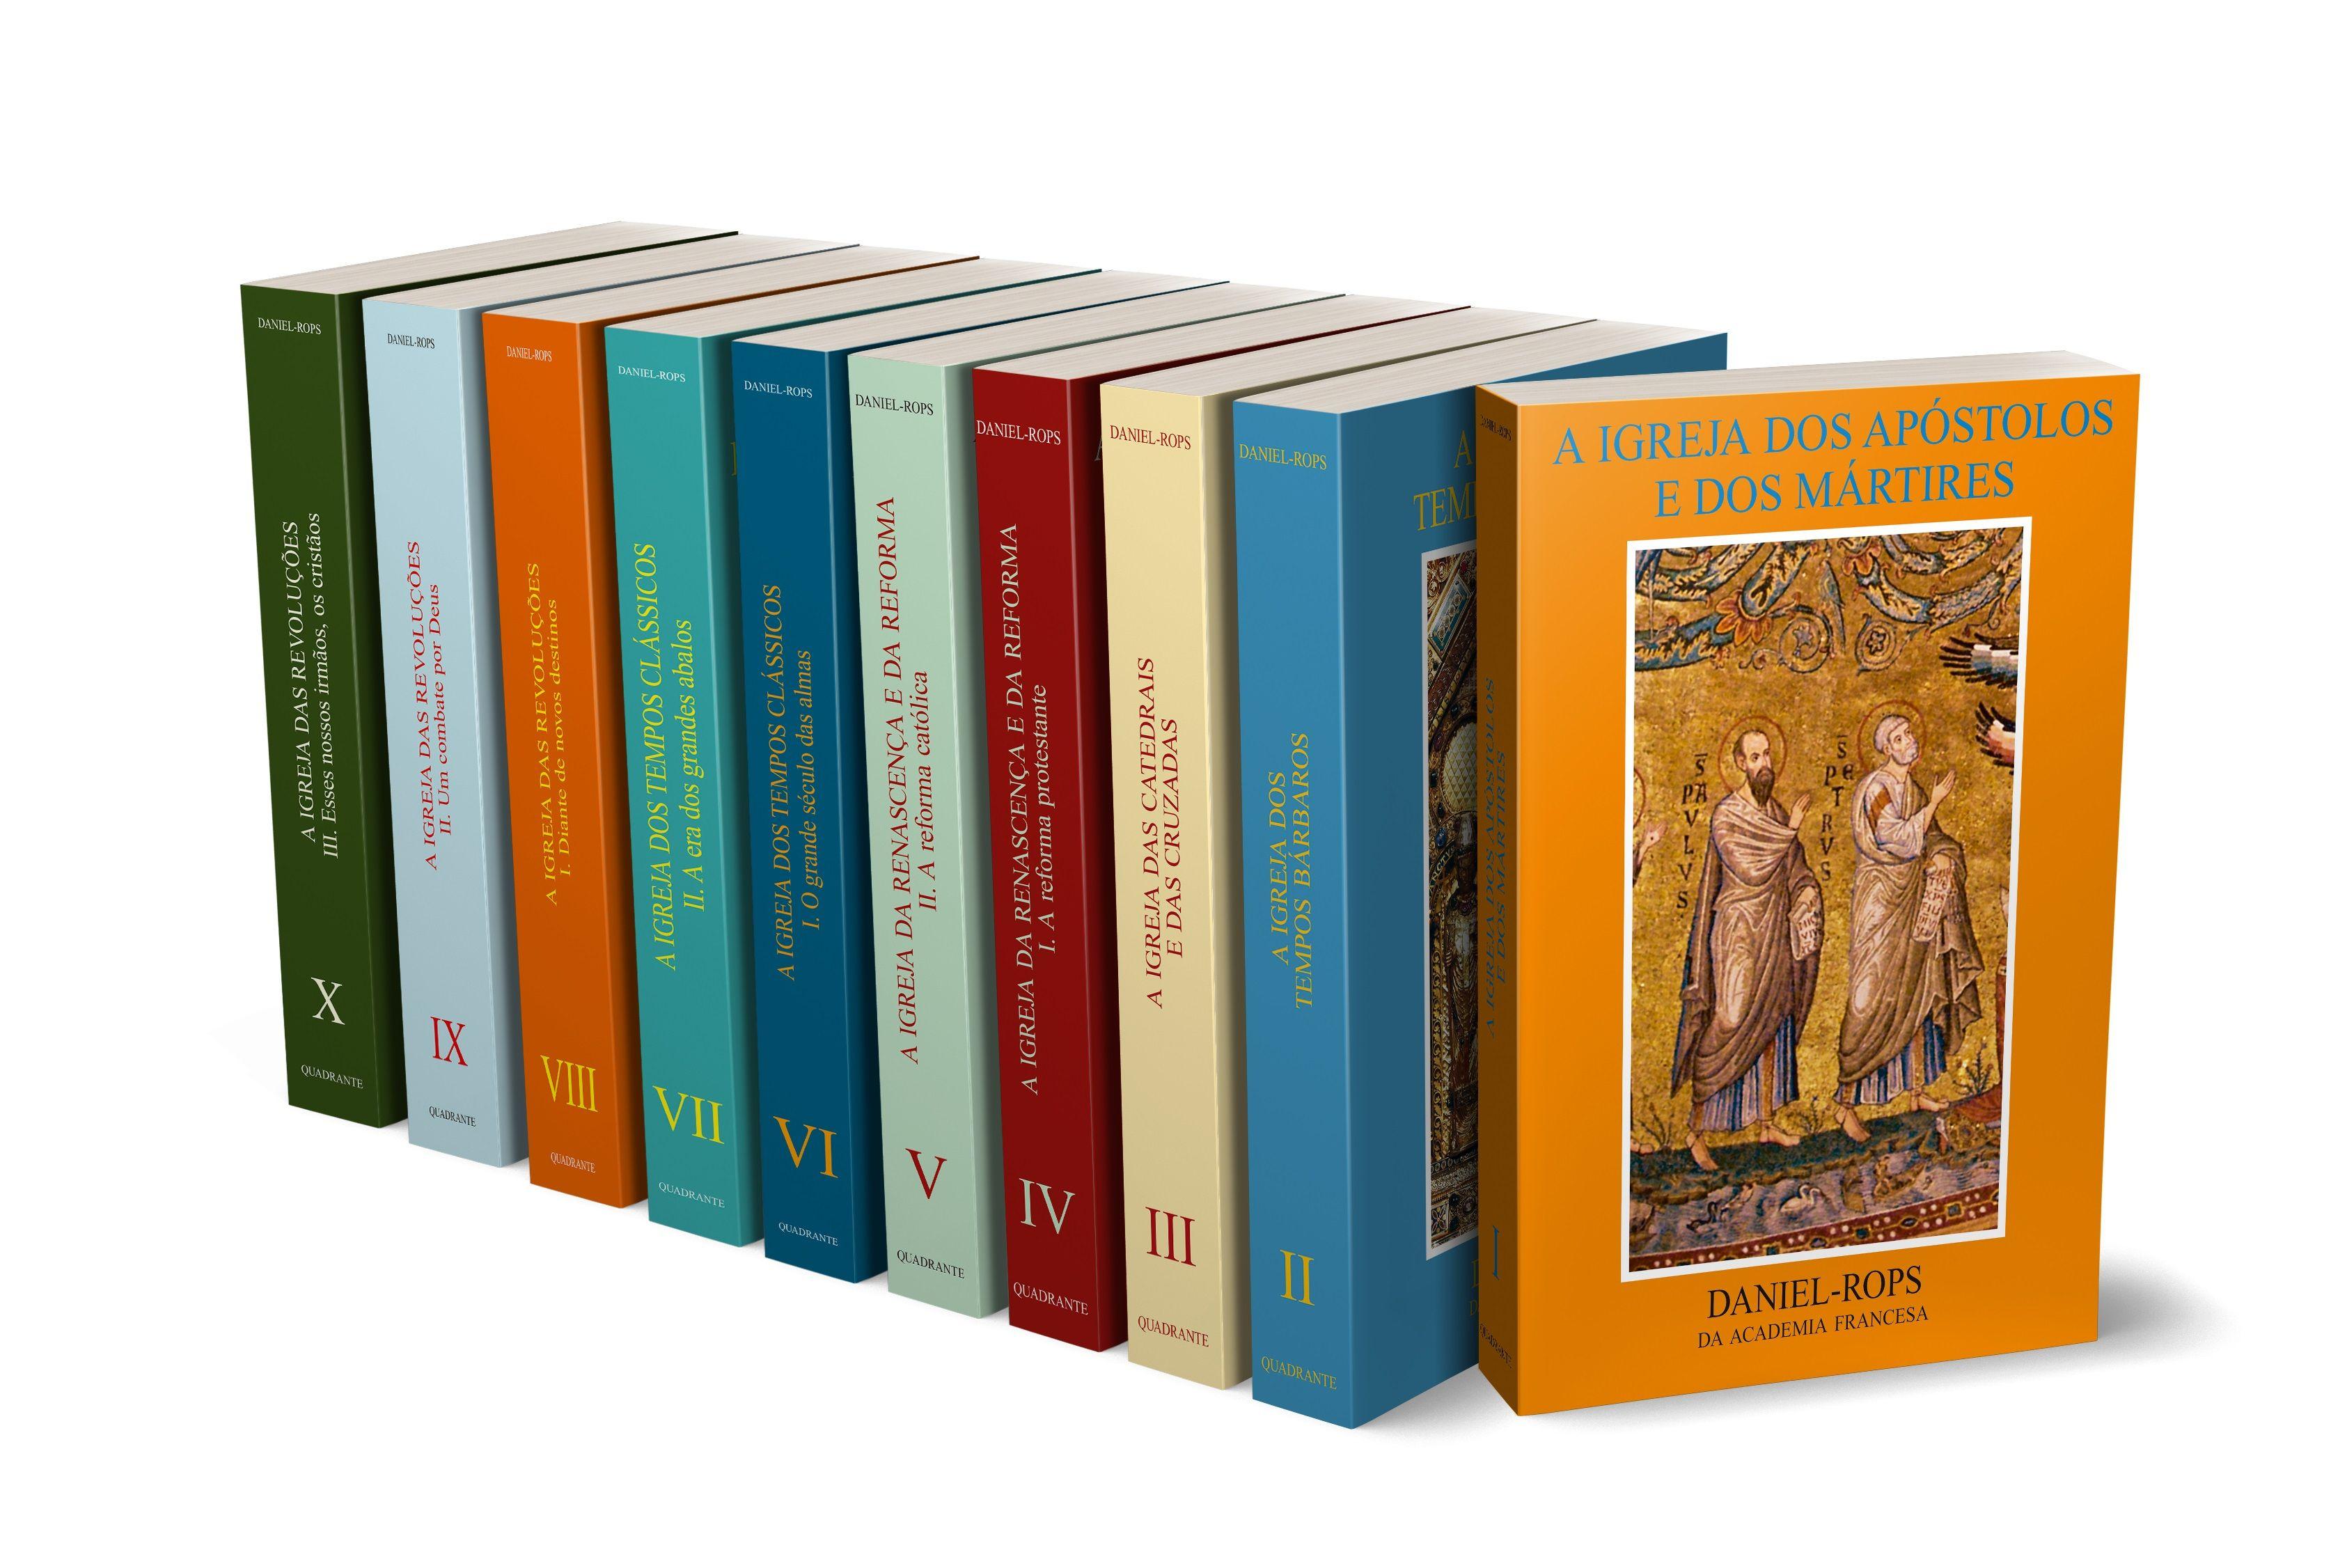 História da Igreja de Cristo - Coleção completa - 10 volumes